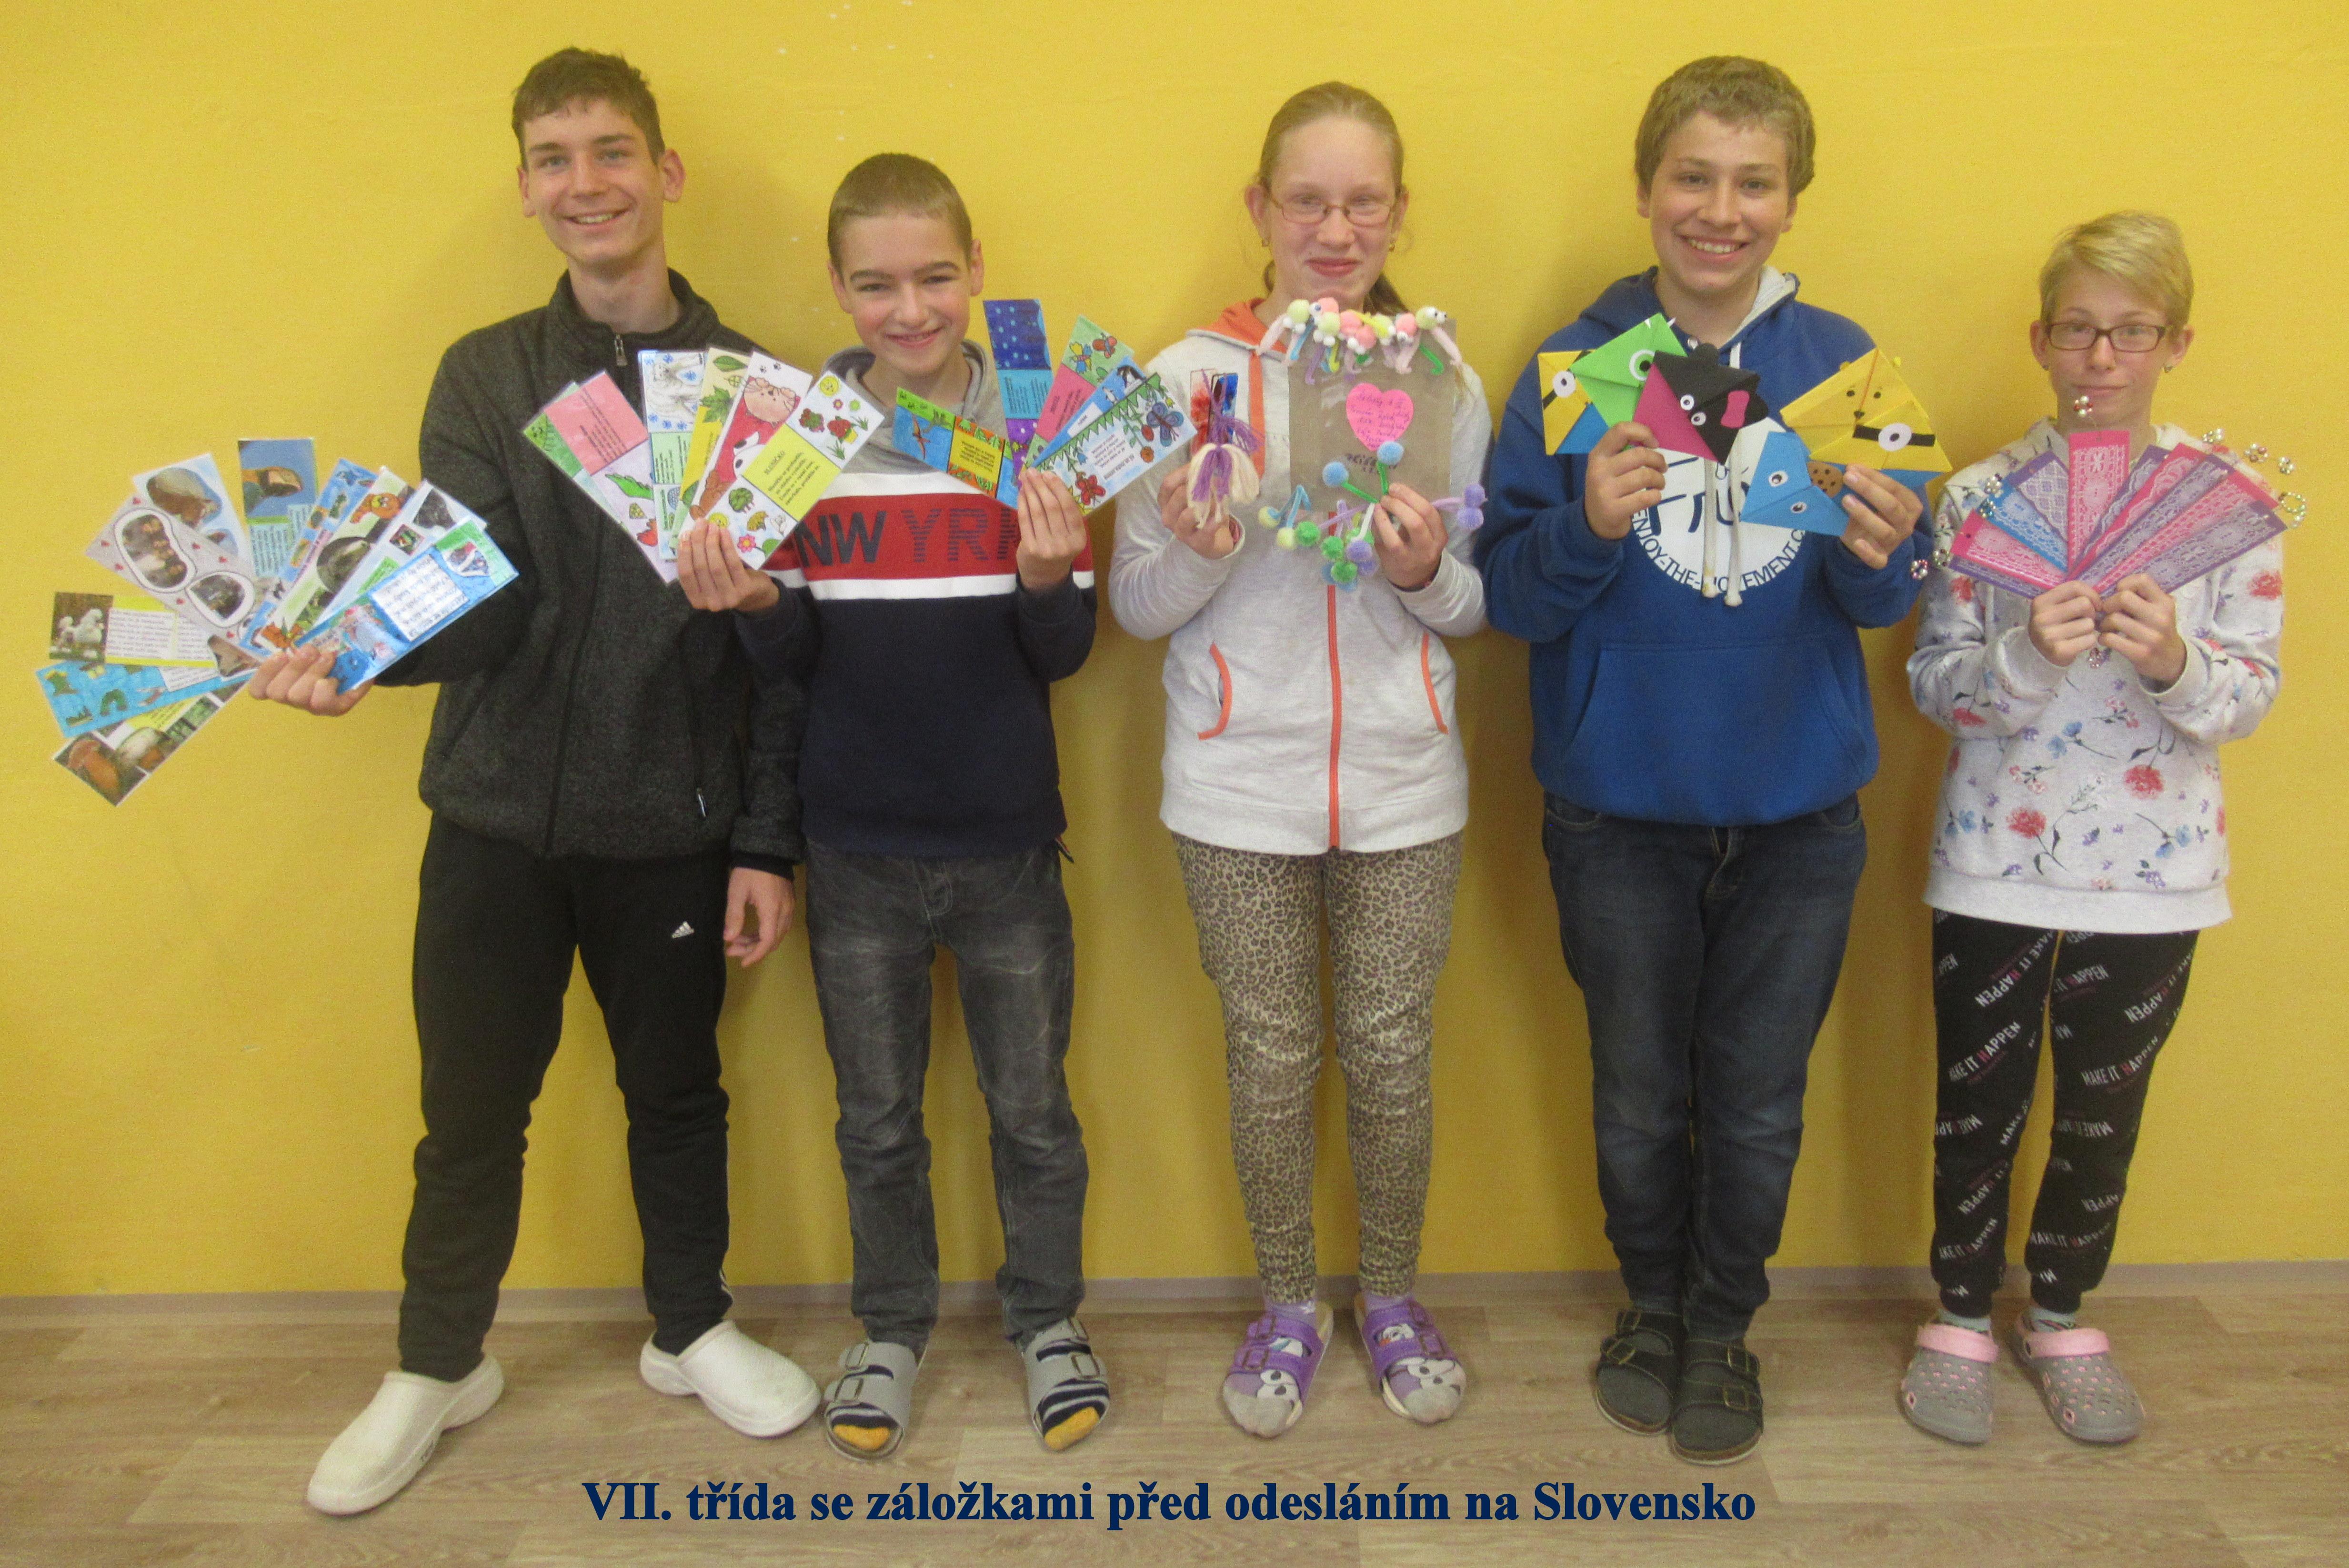 3) VII. třída se záložkami na Slovensko